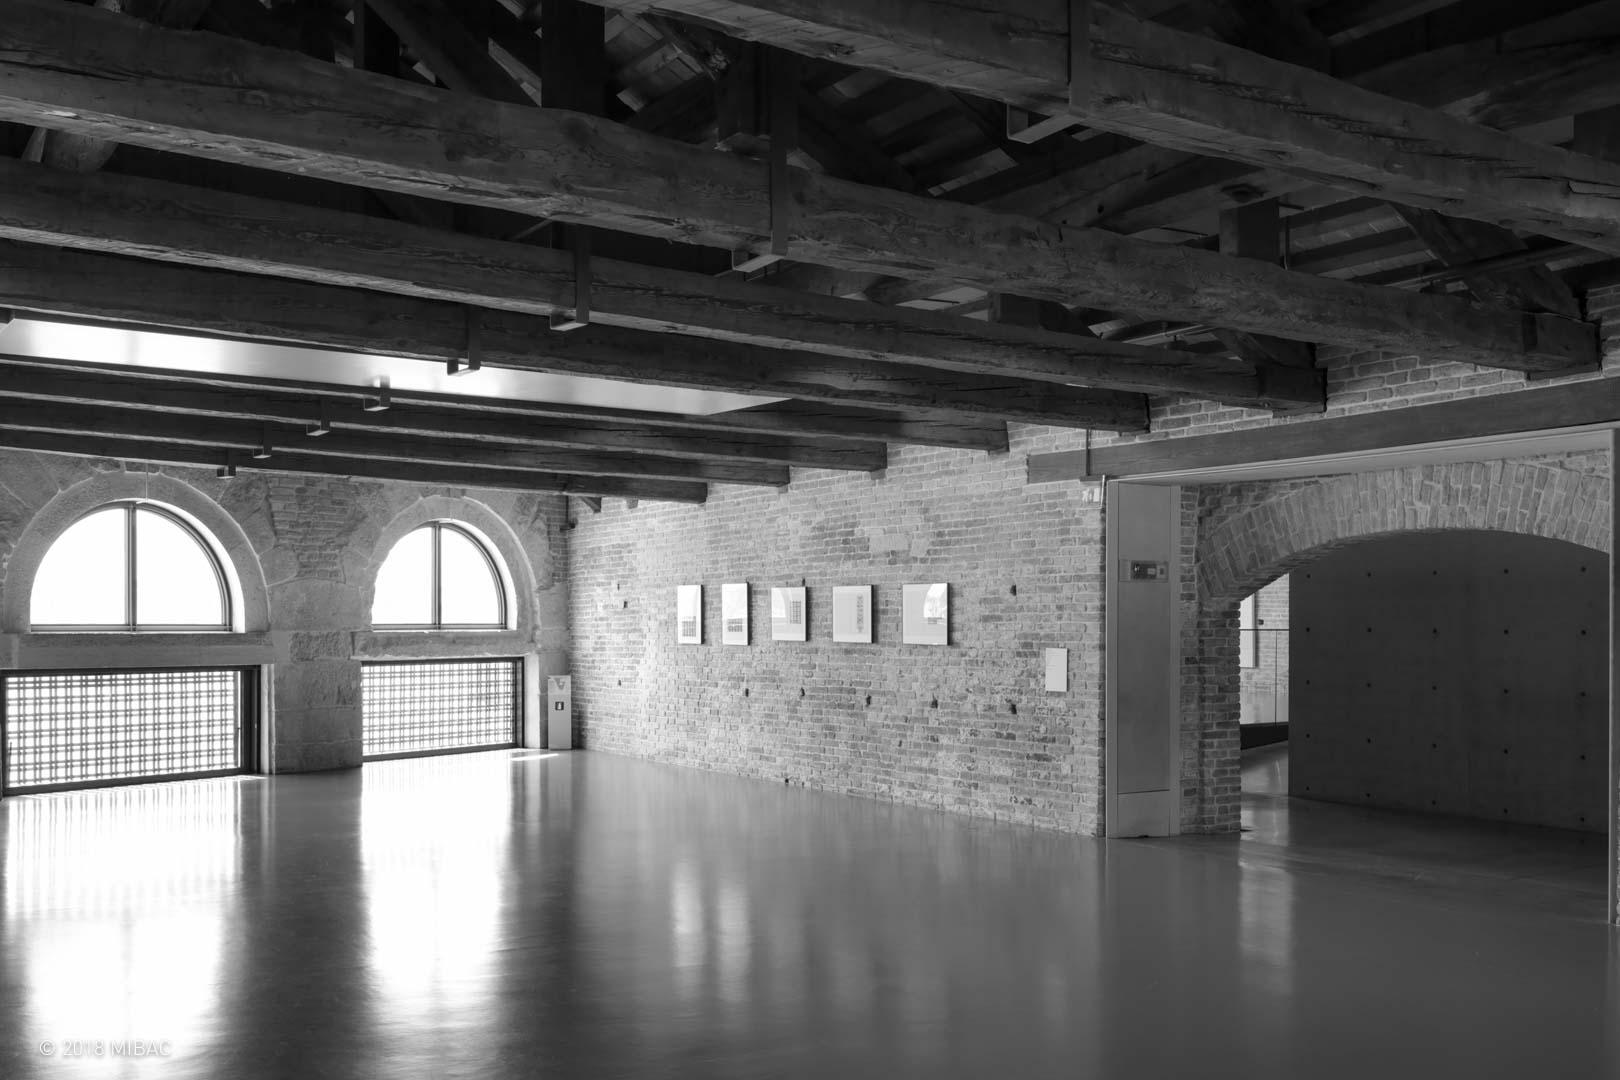 Santi, poeti, panettieri e curatori fai-da-te: gli incontri online di Palazzo Grassi, Venezia